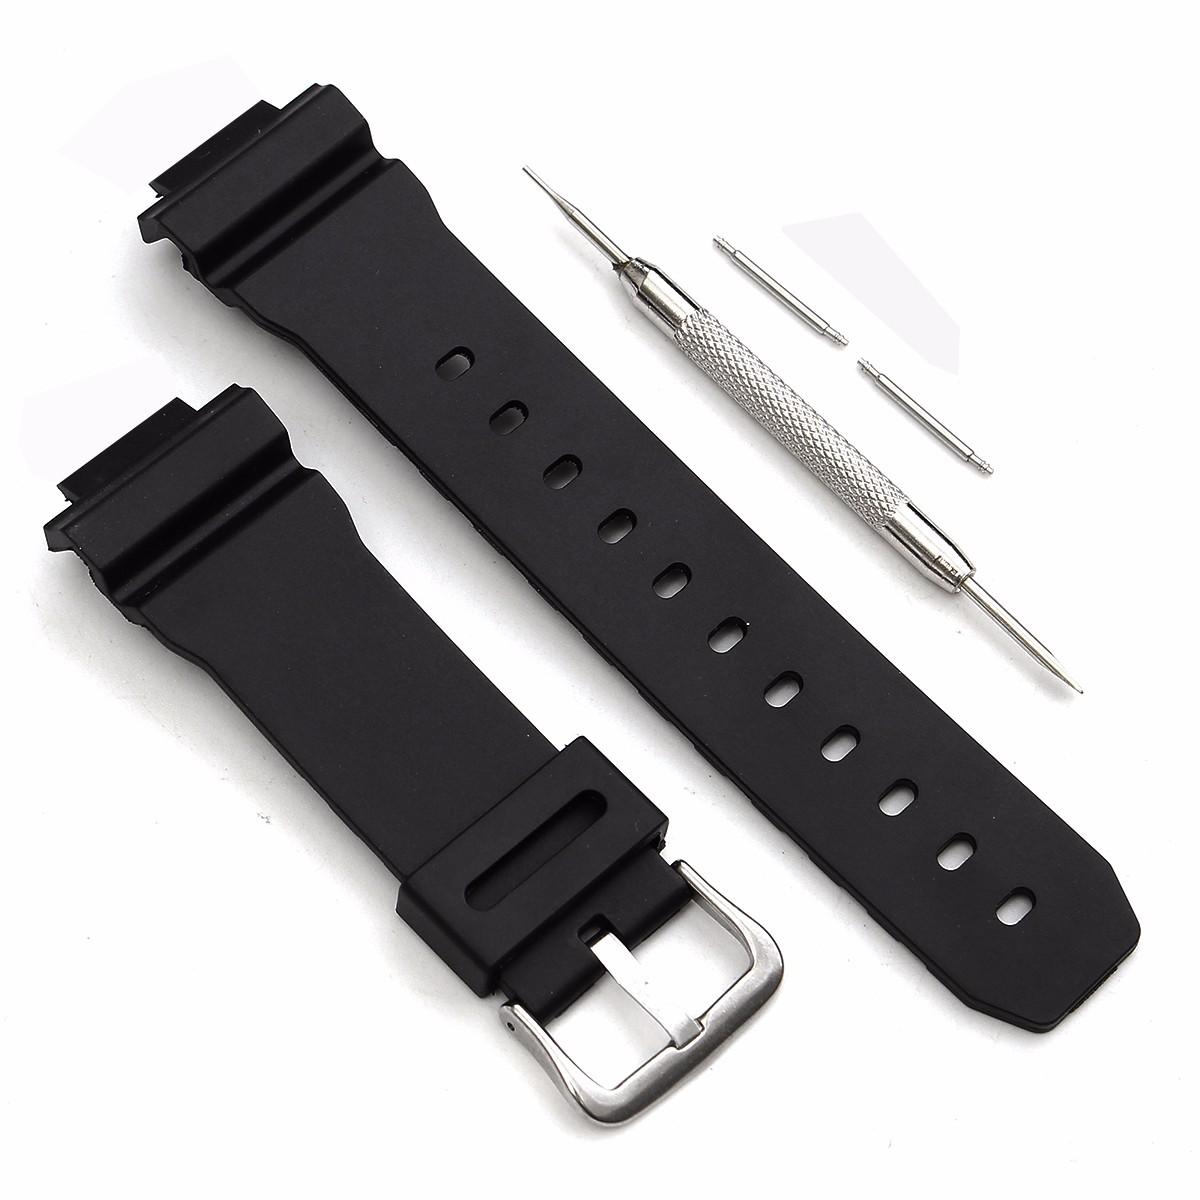 Умные часы Сменный ремешок J3 для часов Casio G Shock DW-6900 с иголкой и шпильками (Фото 3)